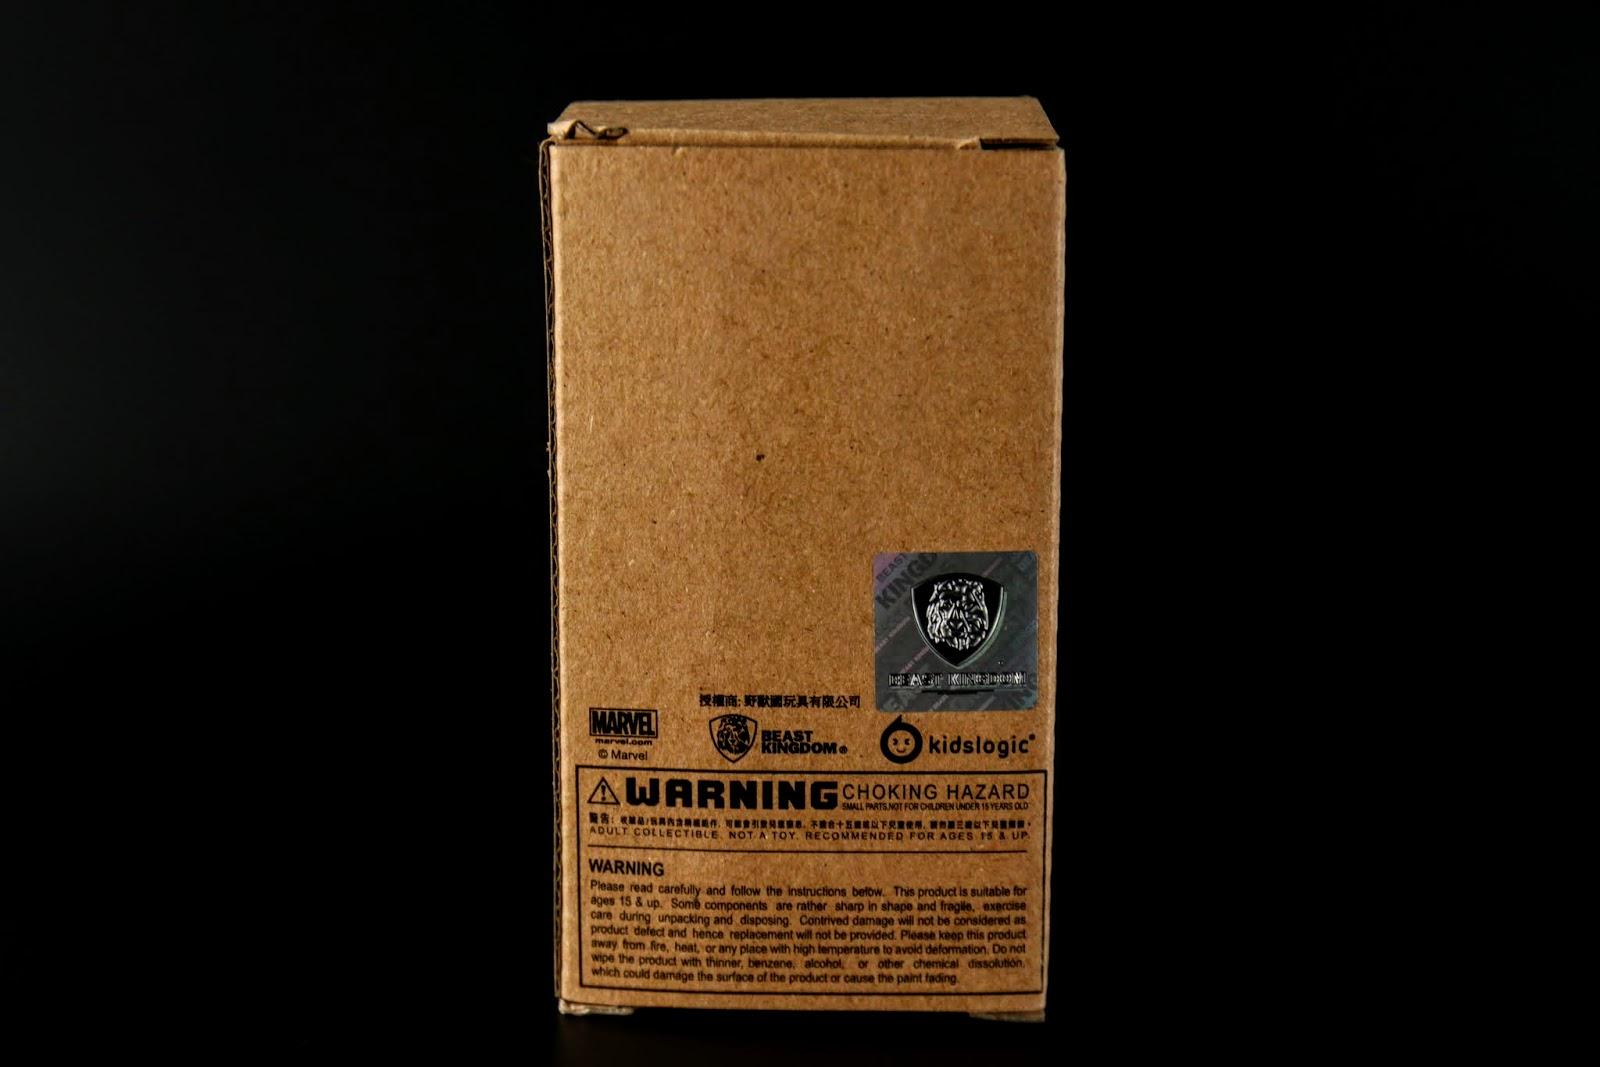 前面盒子就有寫是MK1,但是紙盒磅數不錯高